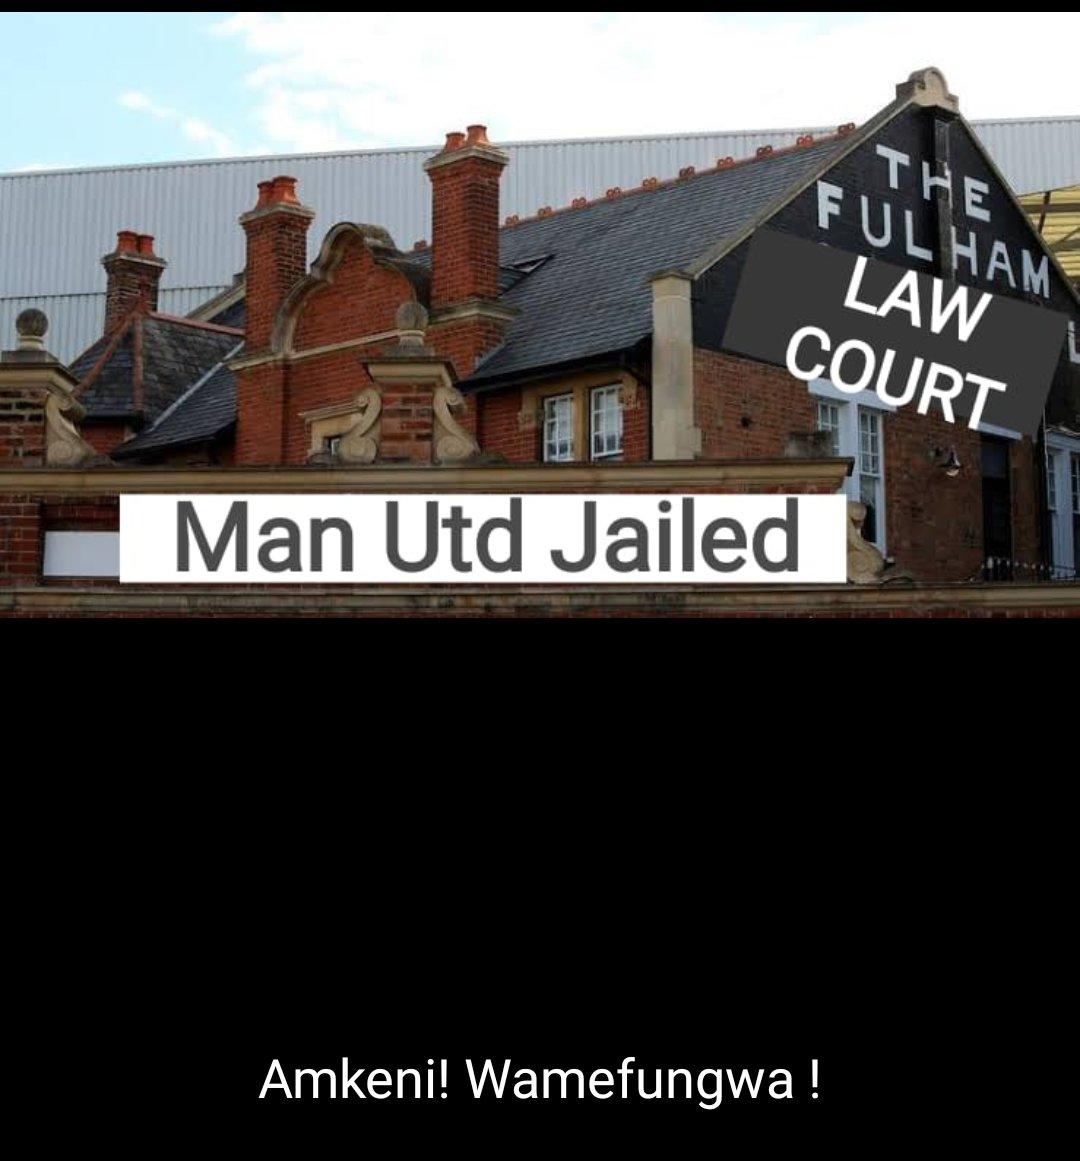 @paulpogba @ManUtd Ni Mahakama tu inayoweza kuifunga #ManUtd   #Pogba #ManchesterUnited